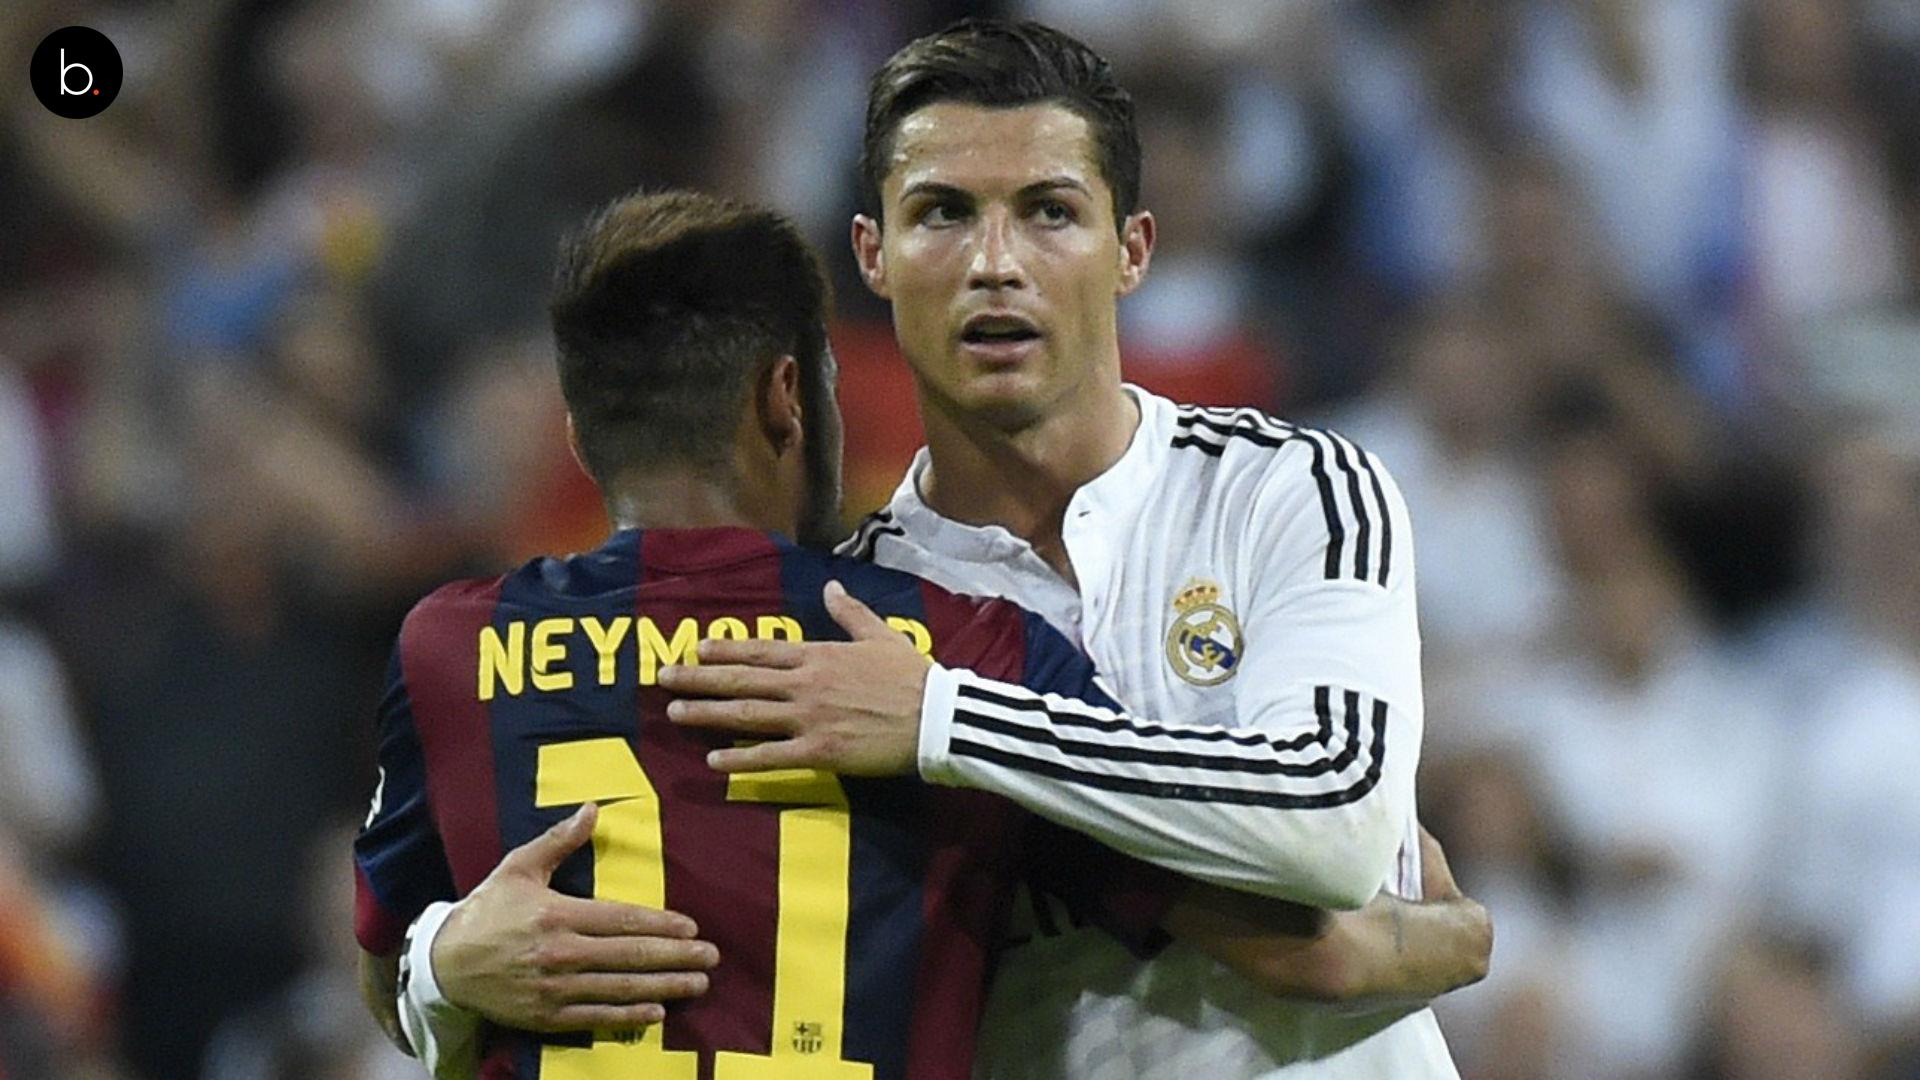 El bombazo del verano moverá a Neymar y a Cristiano